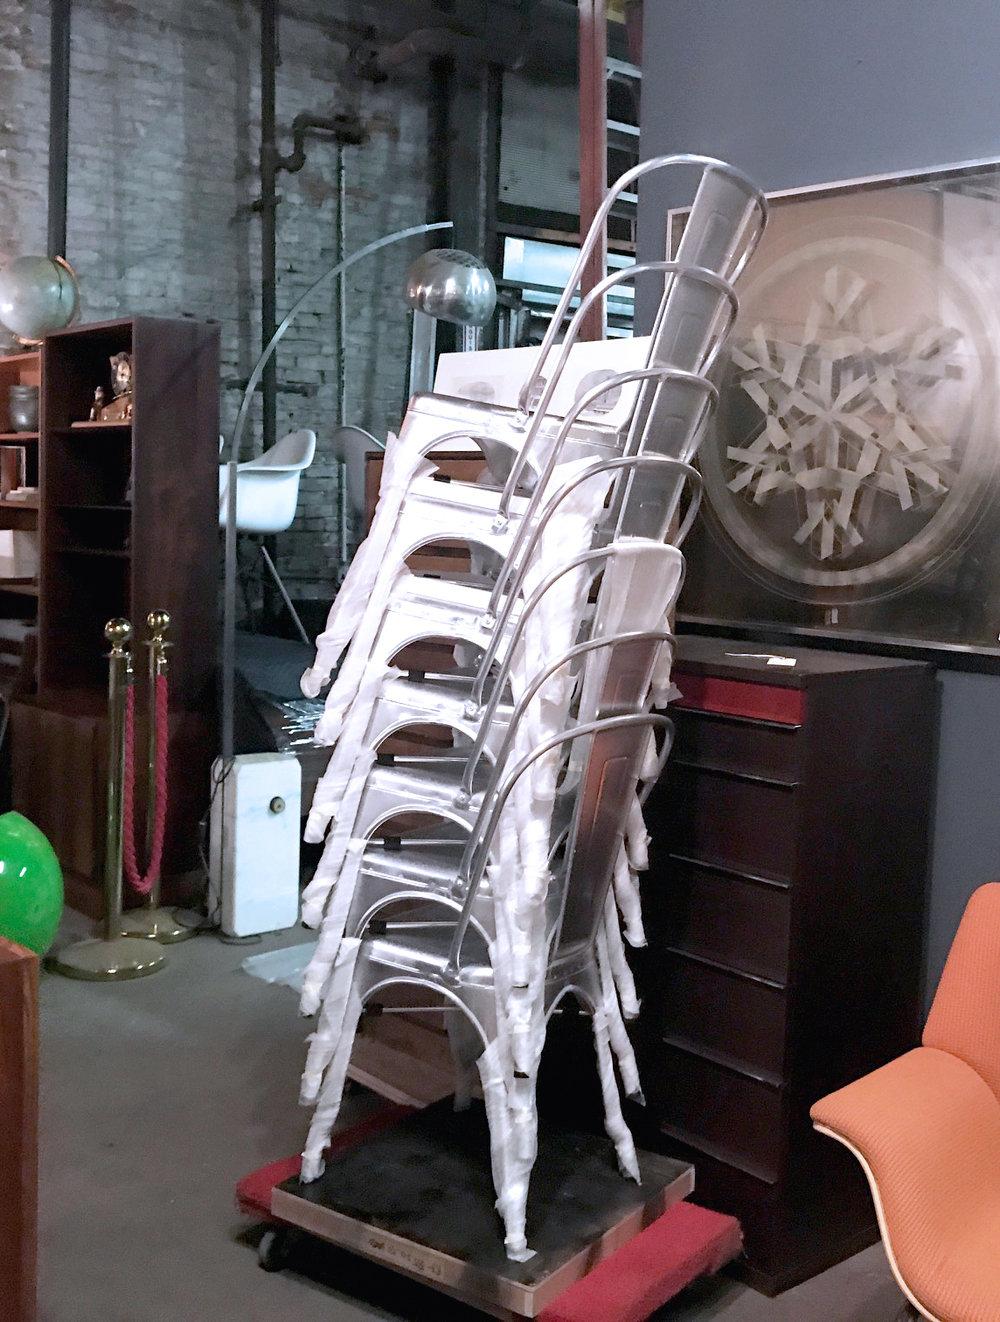 aluminumchairs4.jpg